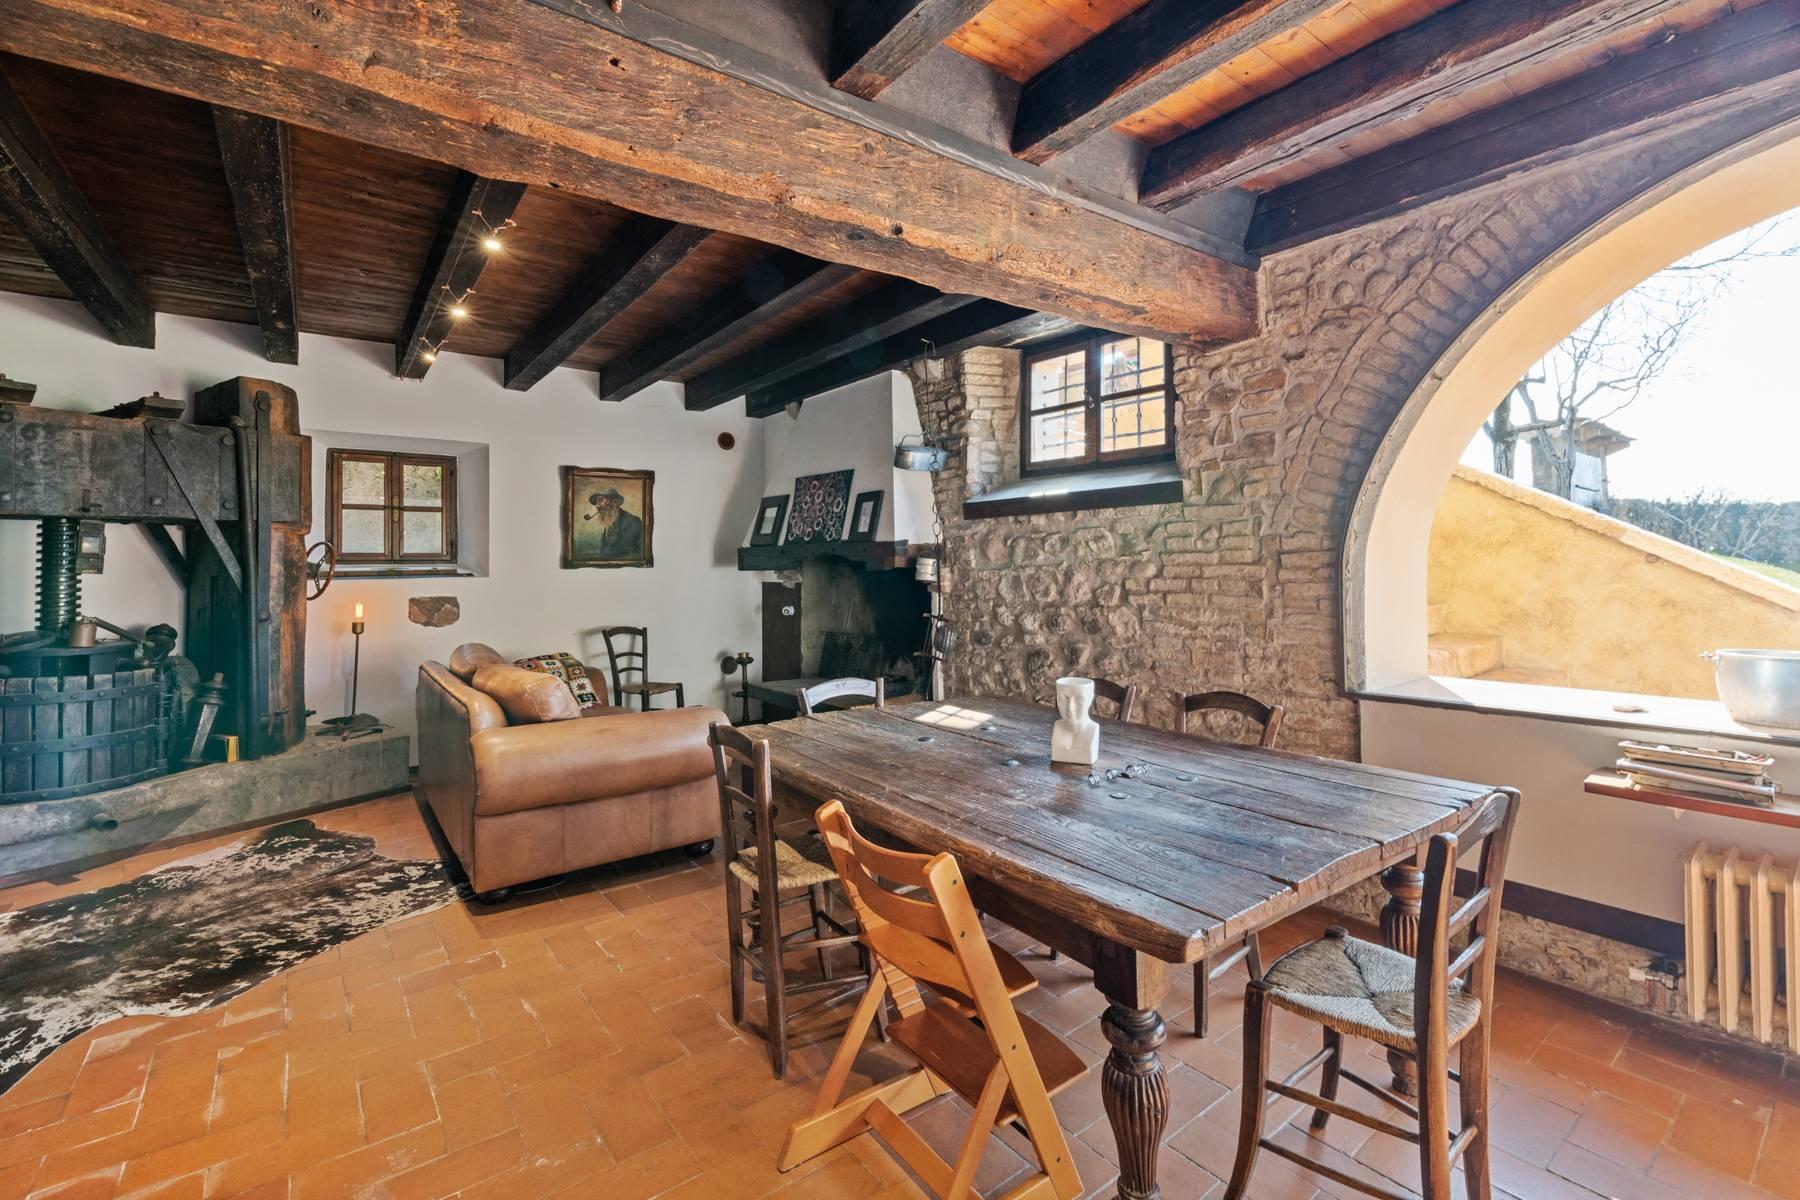 Rustico in Vendita a Caprino Veronese: 5 locali, 770 mq - Foto 3